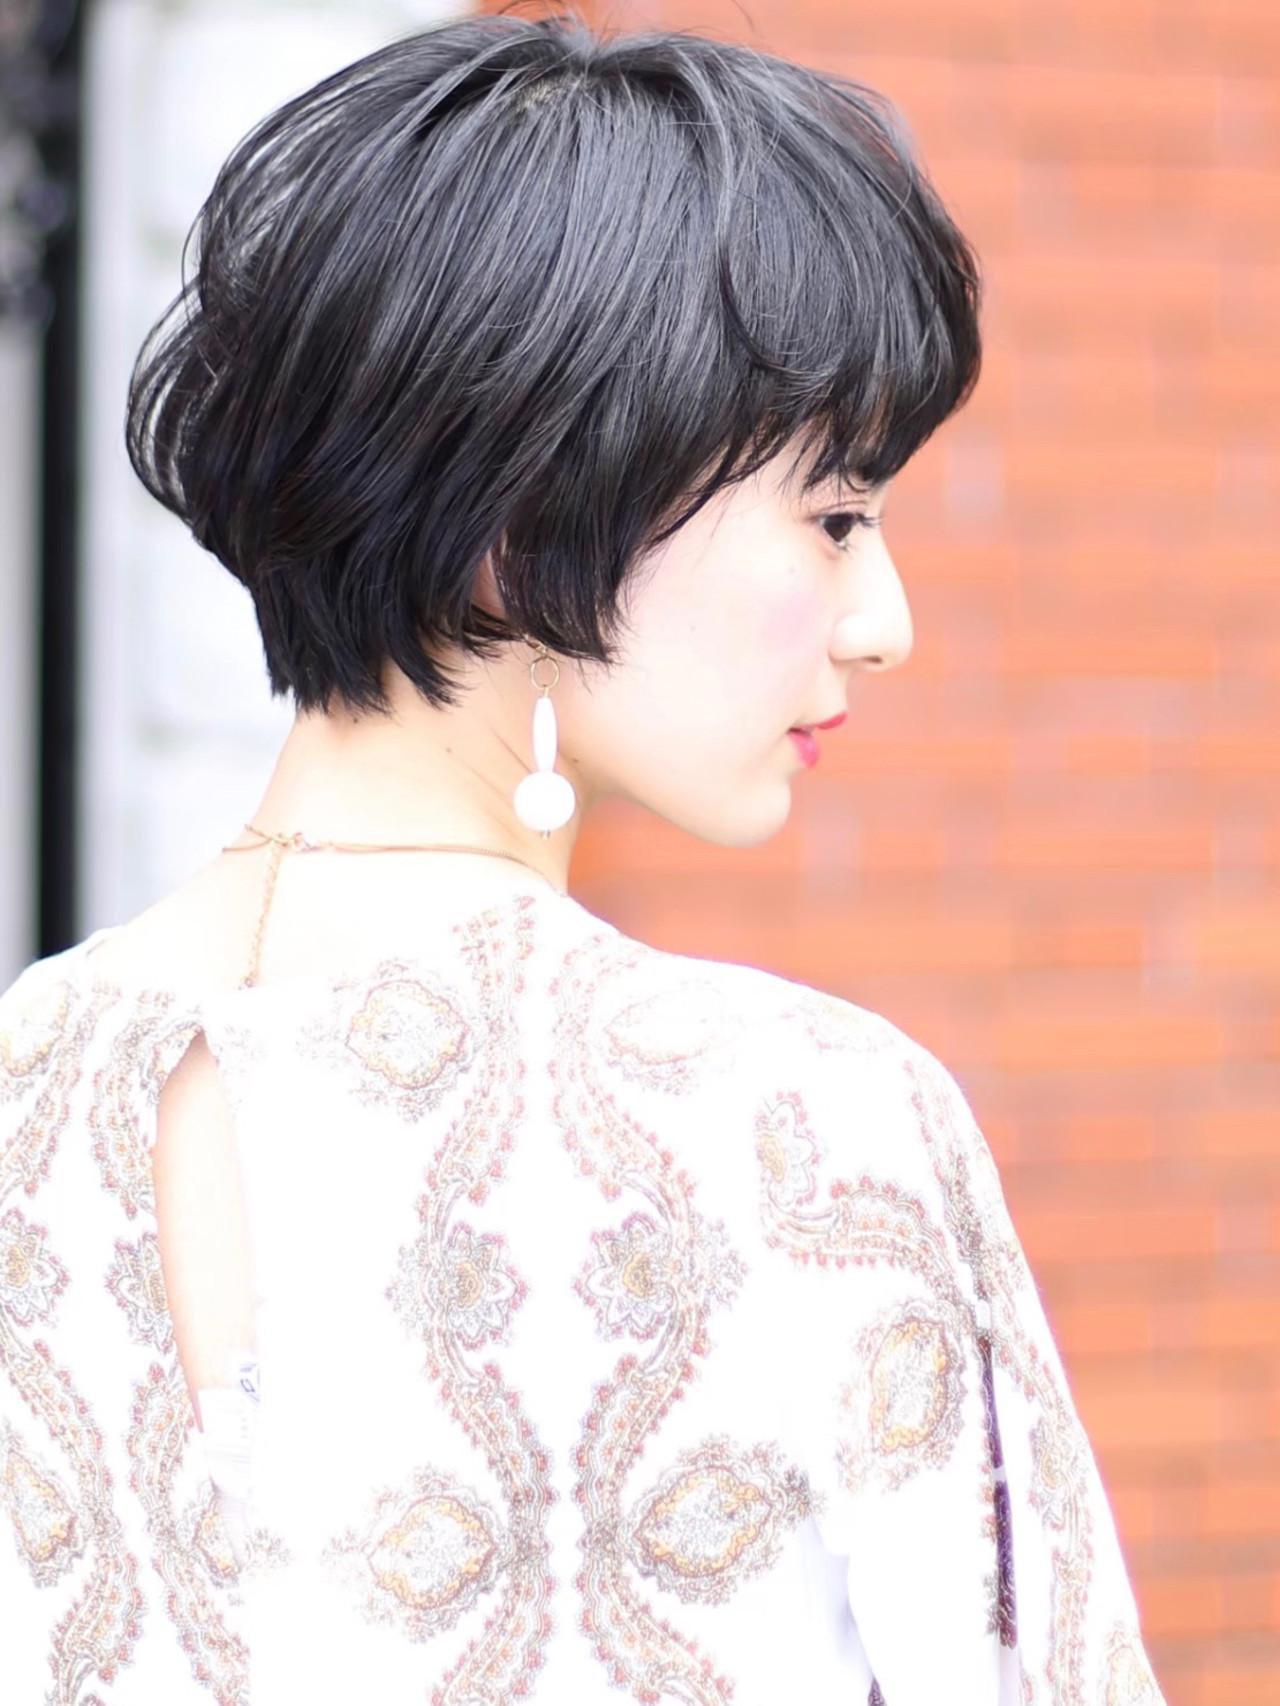 デジタルパーマ ショートボブ ショート ナチュラル ヘアスタイルや髪型の写真・画像